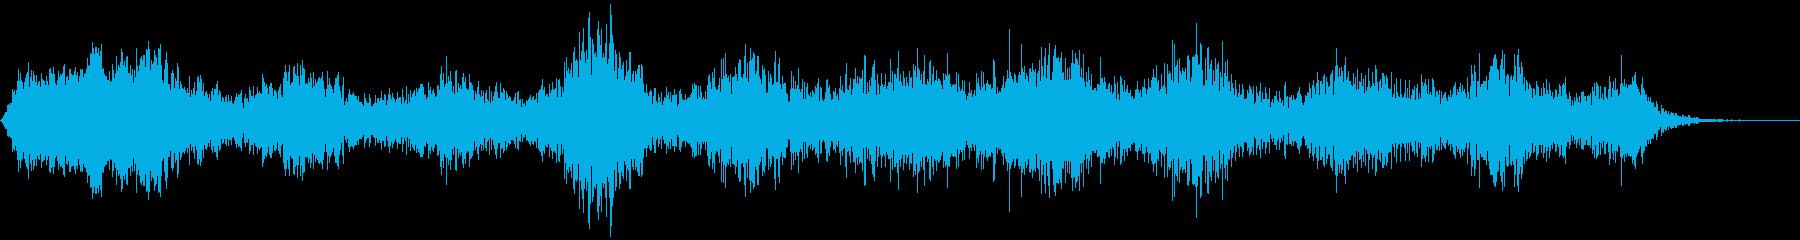 【ダークアンビエント】亡霊の亡骸の再生済みの波形